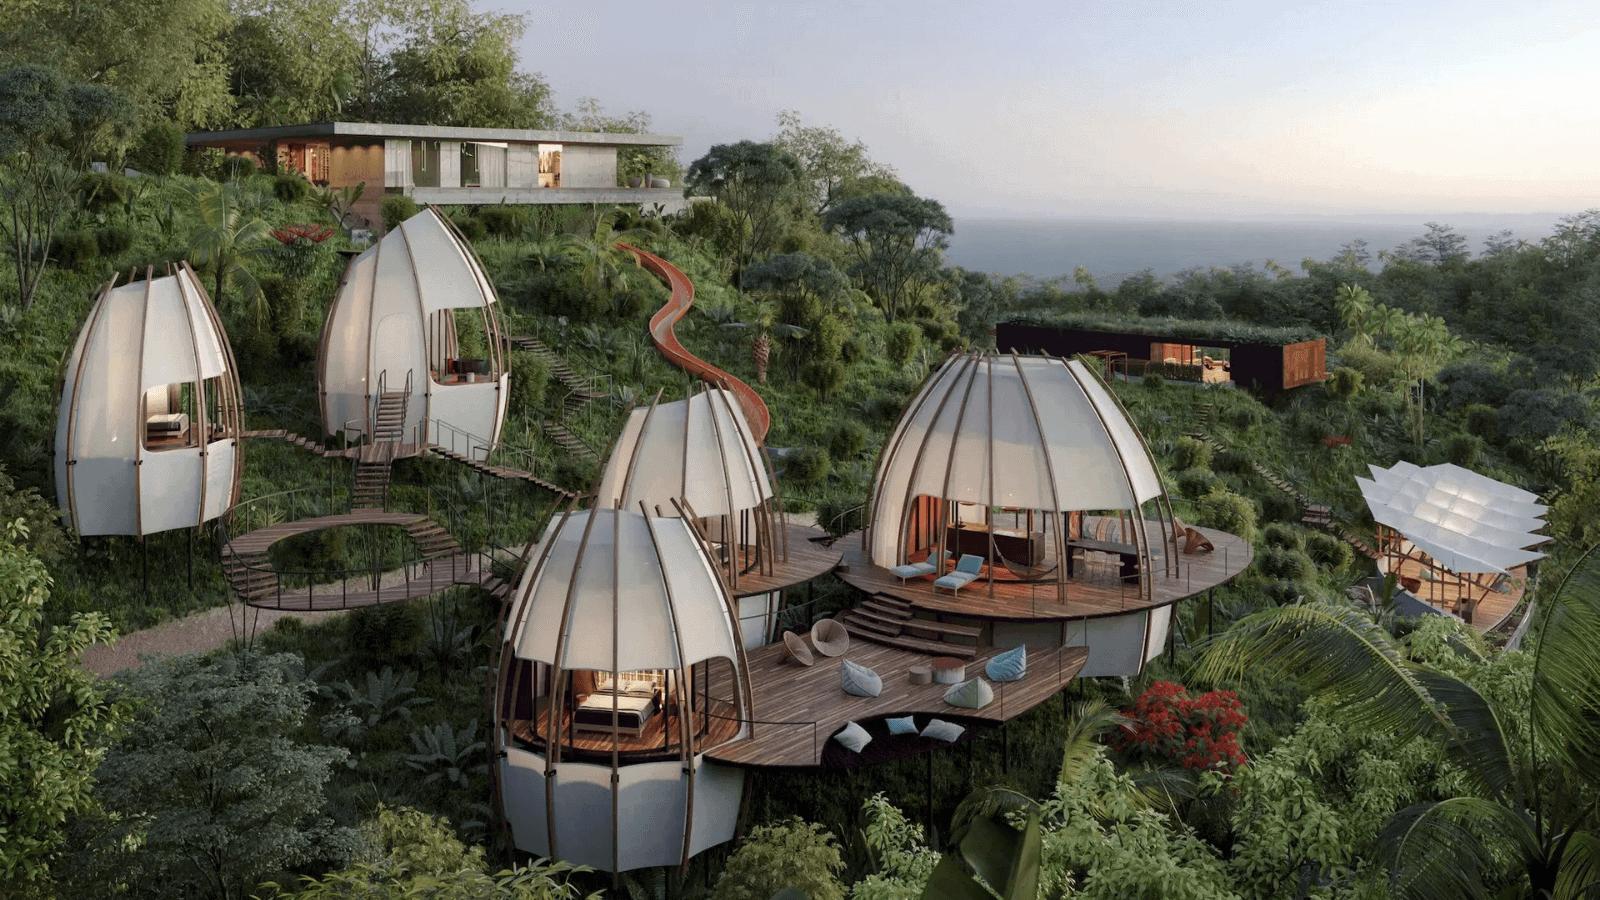 Estos lujosos hospedajes cápsula son todo lo que necesitas para el mejor descanso en la selva de Costa Rica 1